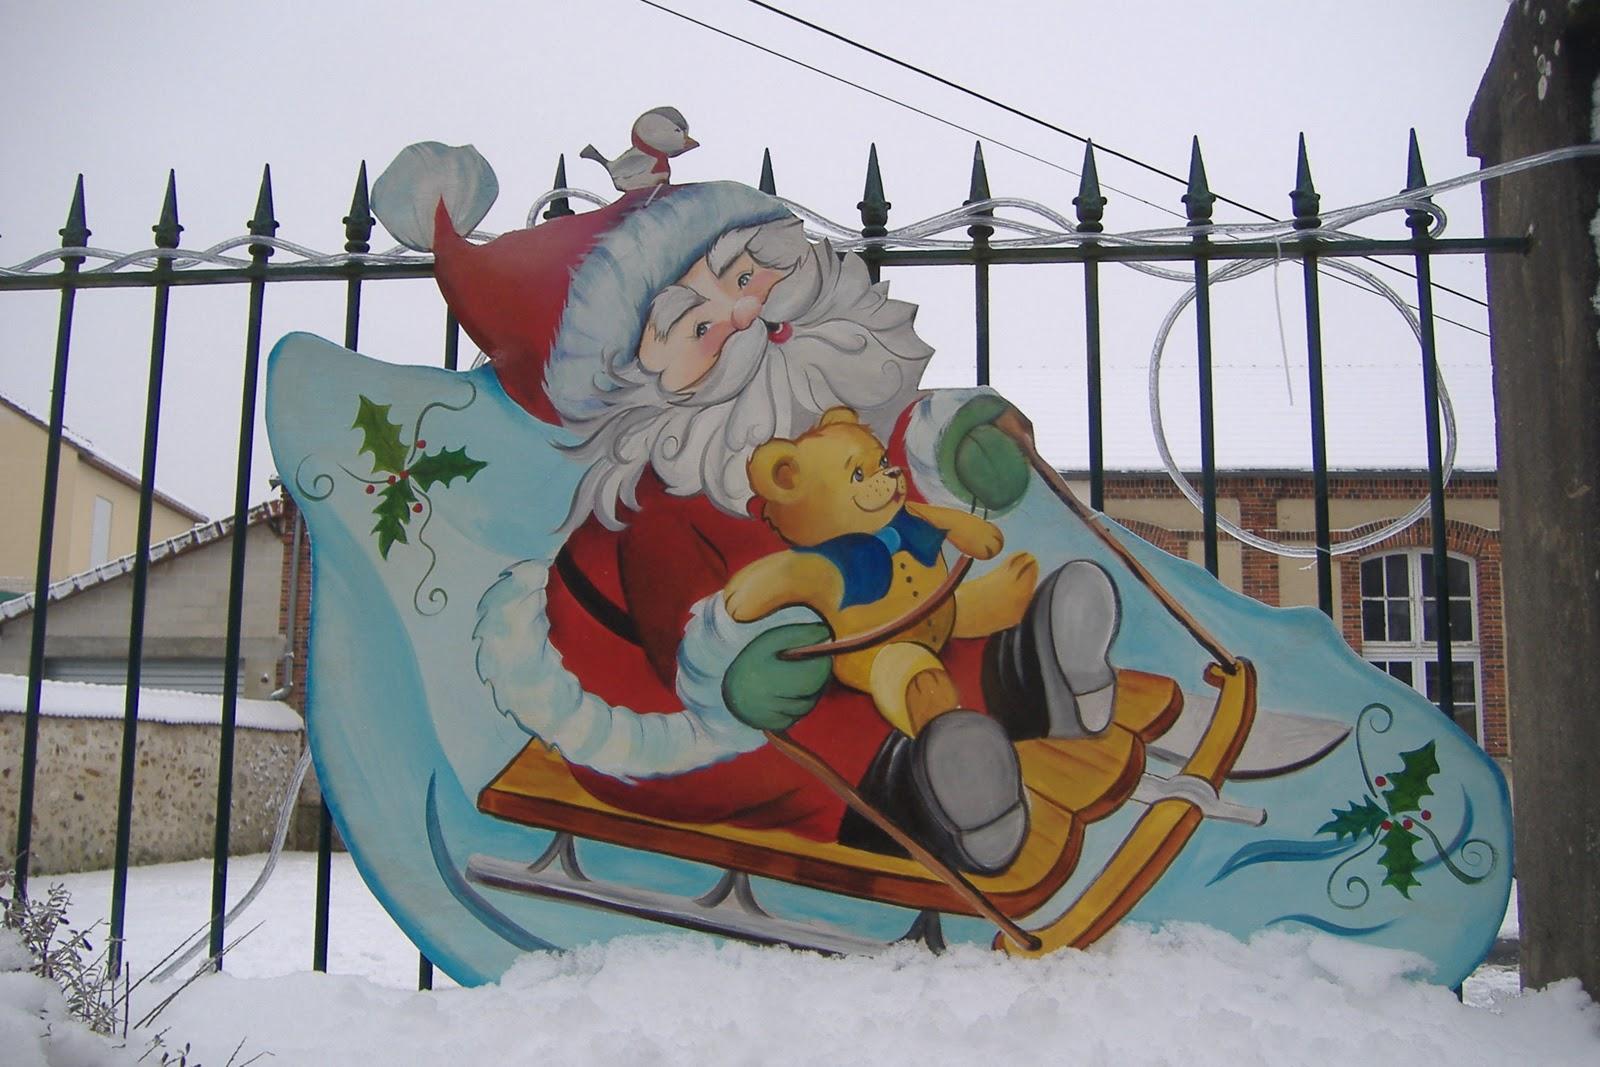 Peintre peintre decorateur aisne marne novembre 2011 for Peintre decorateur